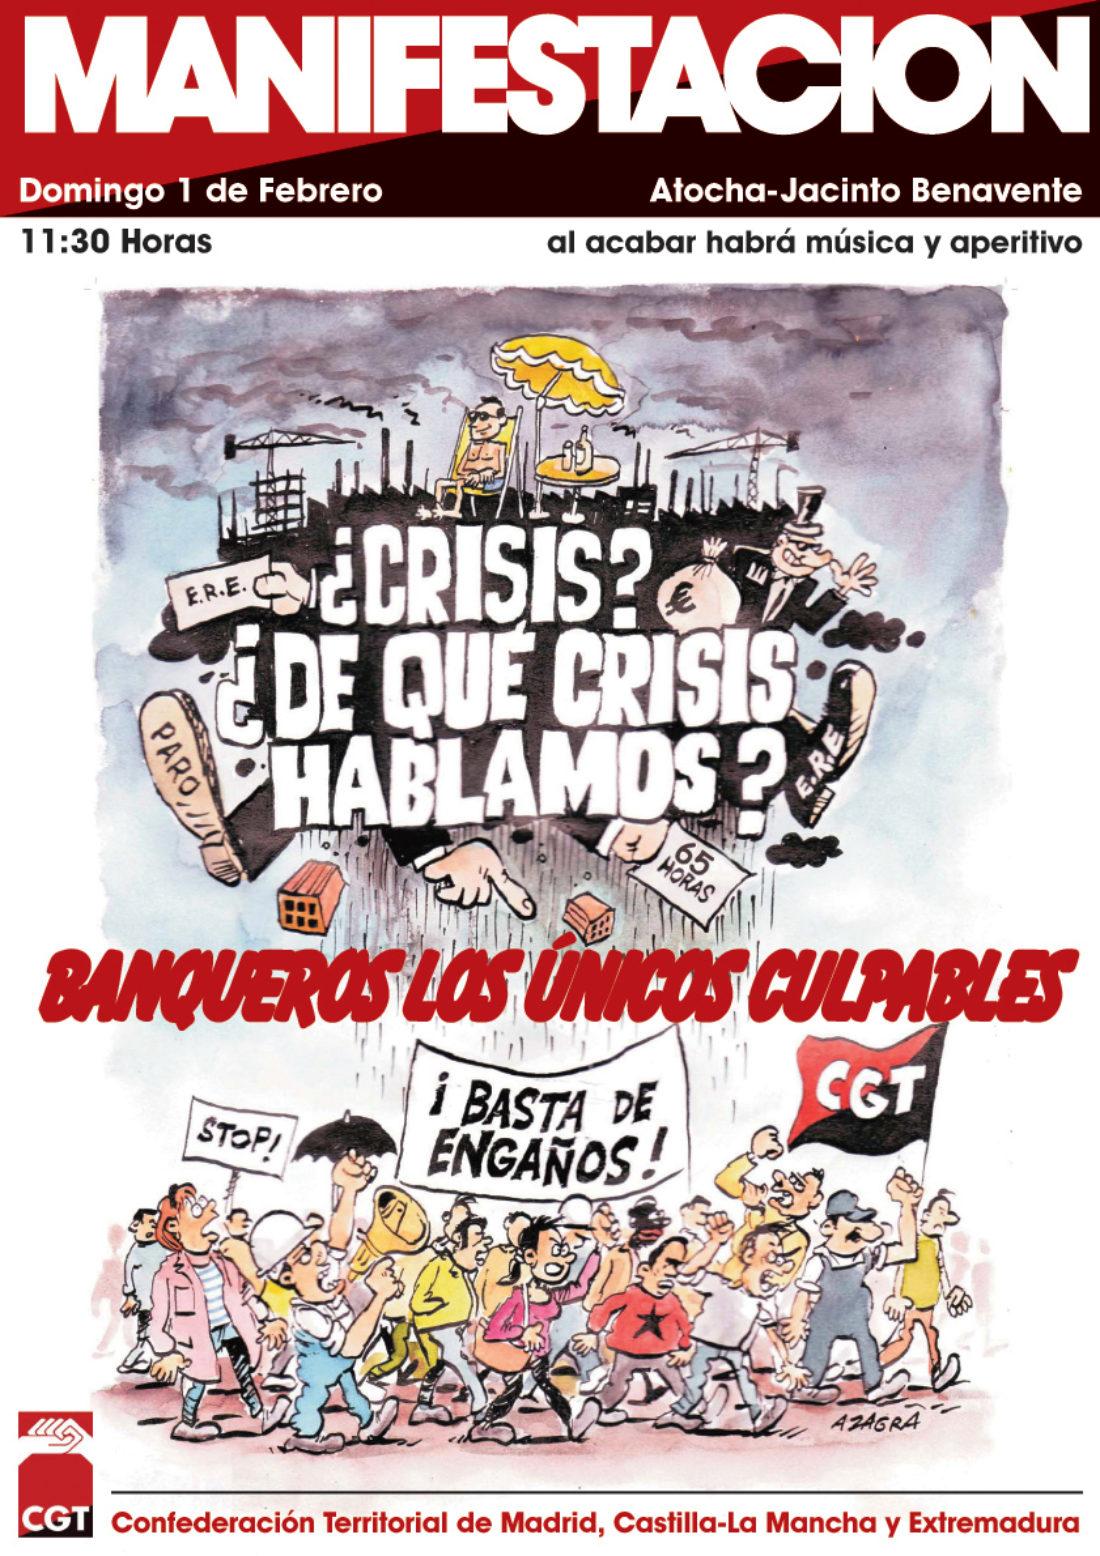 CGT Madrid-Castilla La Mancha convoca manifestación para el 1 de febrero